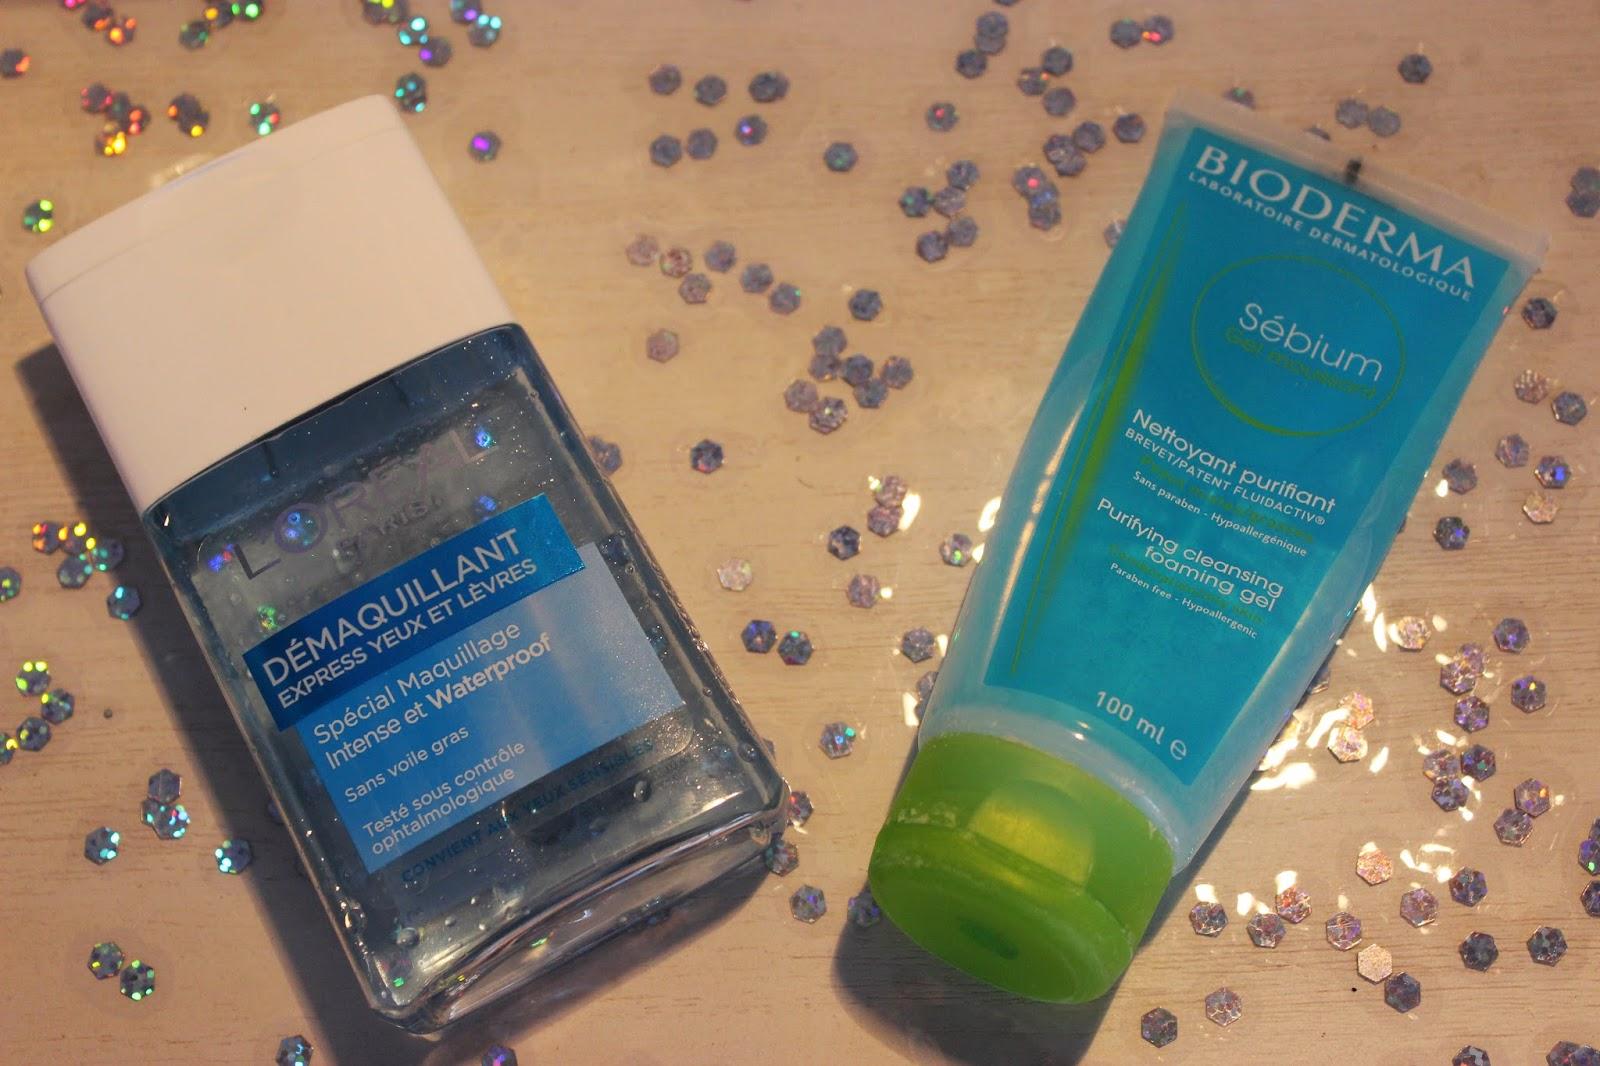 démaquillant L'oreal, sébium nettoyant purifiant Bioderma